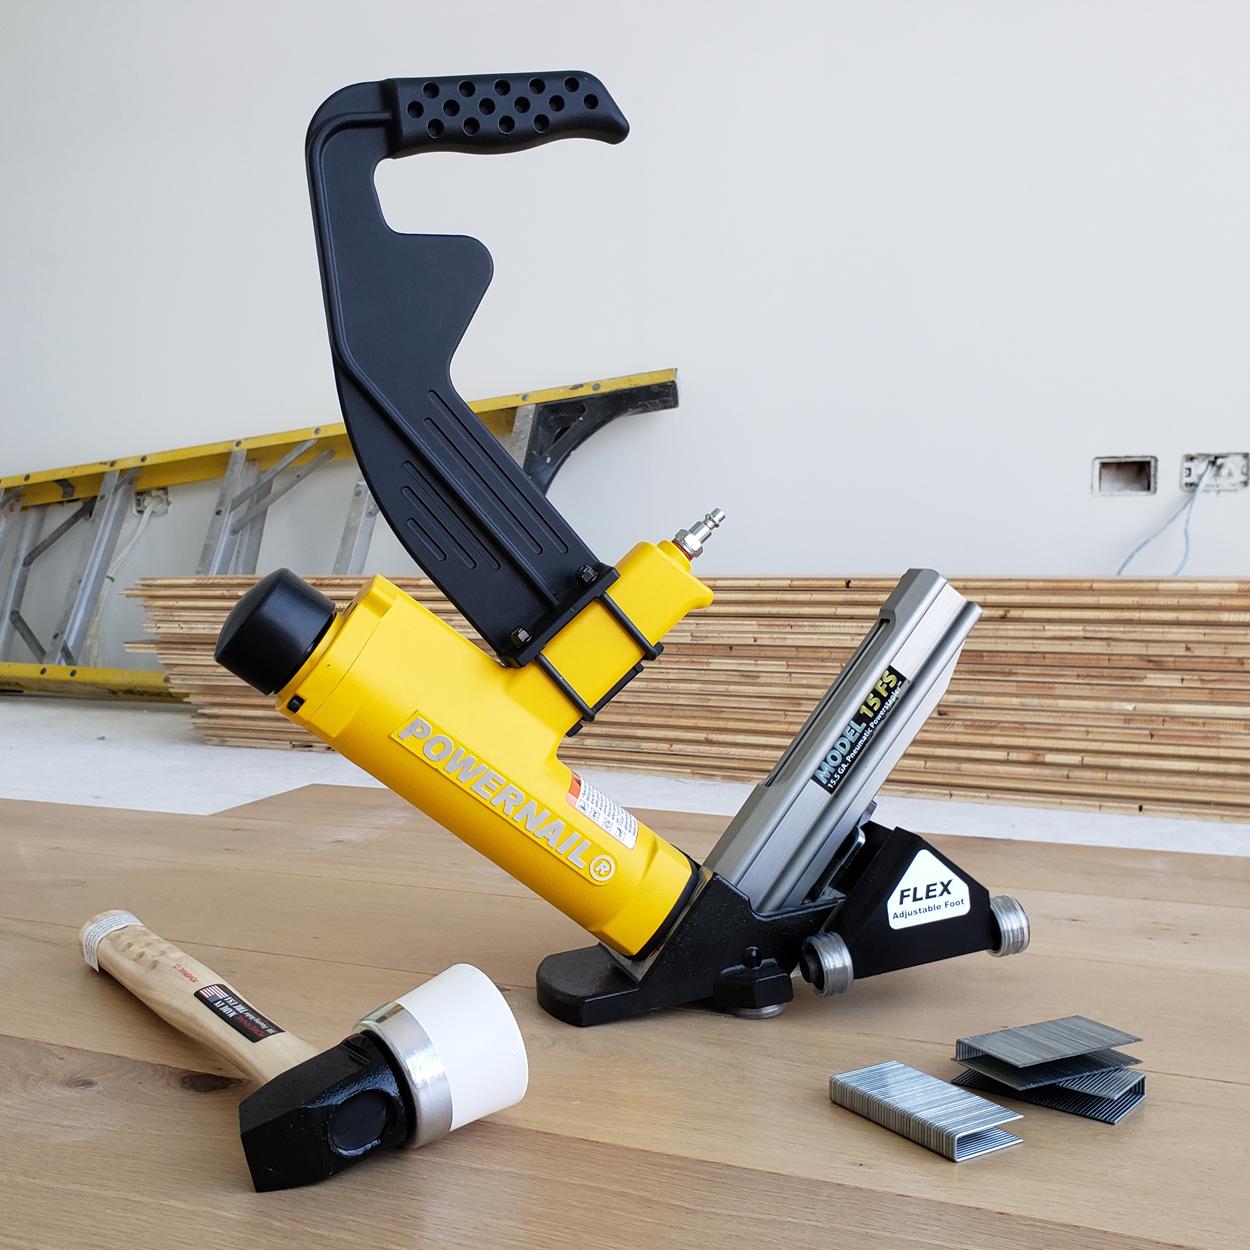 Powernail Model 15FS Power Roller 15.5-Gauge Hardwood Flooring Stapler